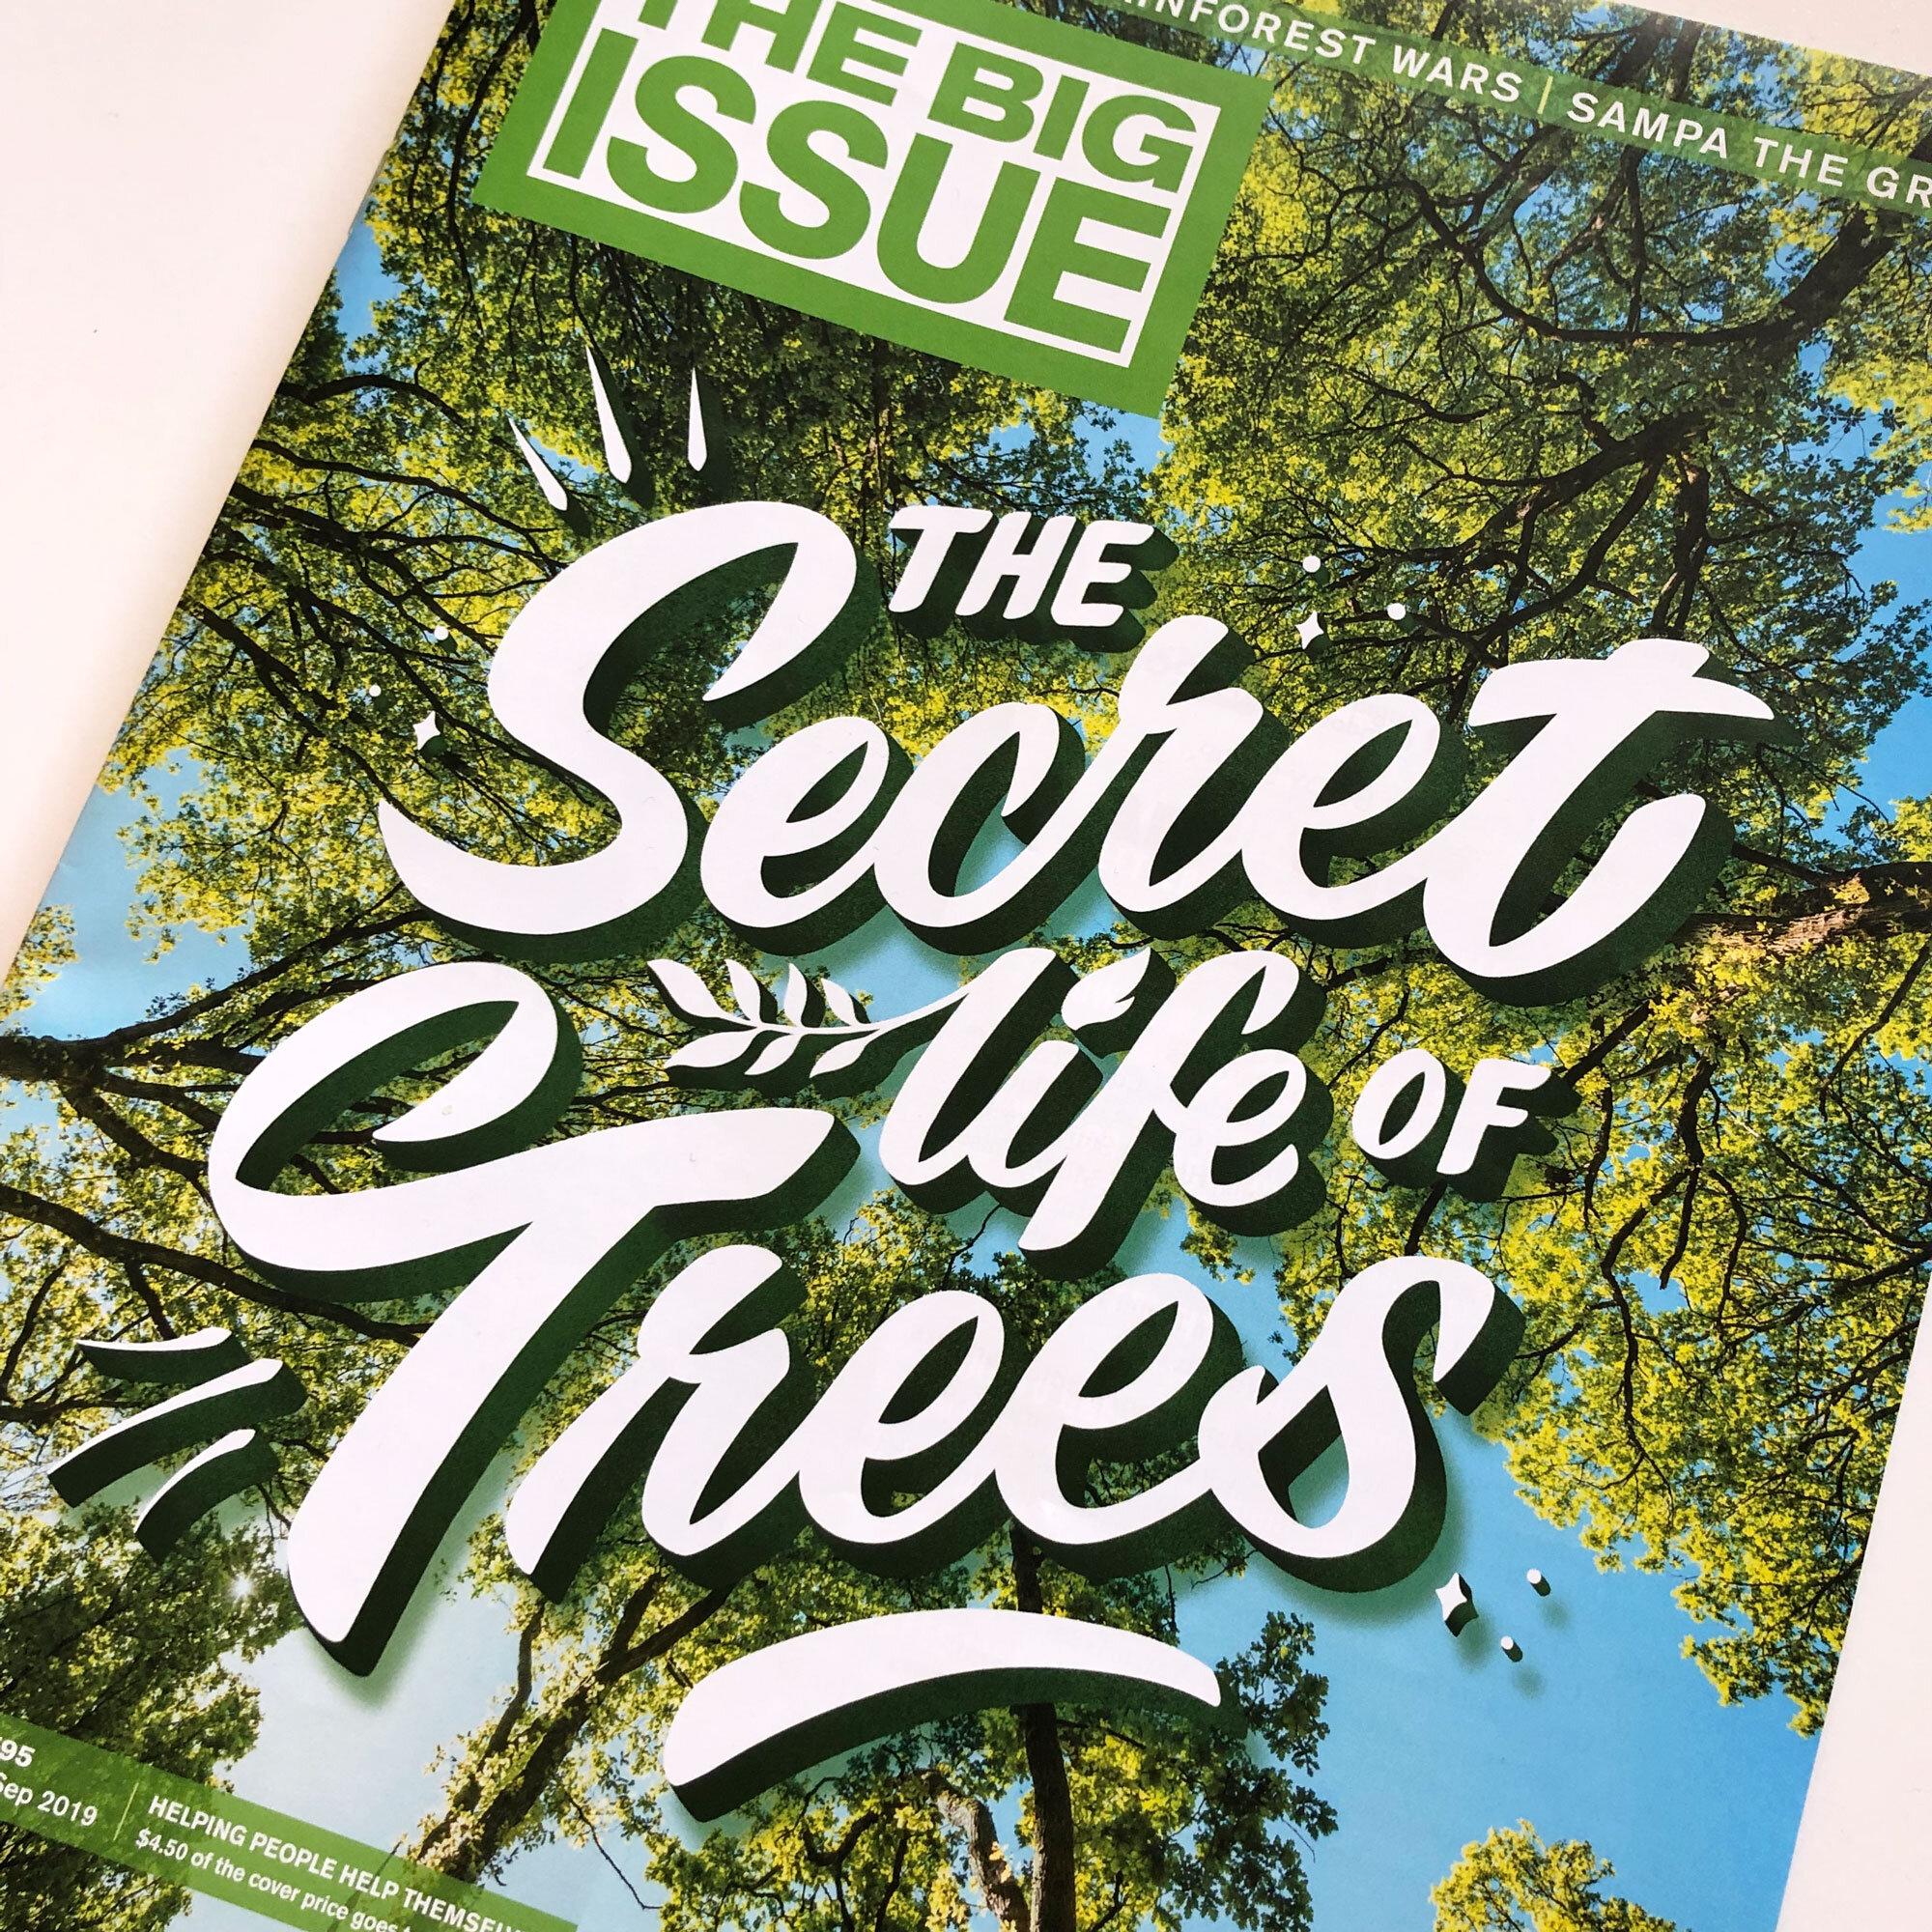 SecretTrees-Casey-TBI2.jpg